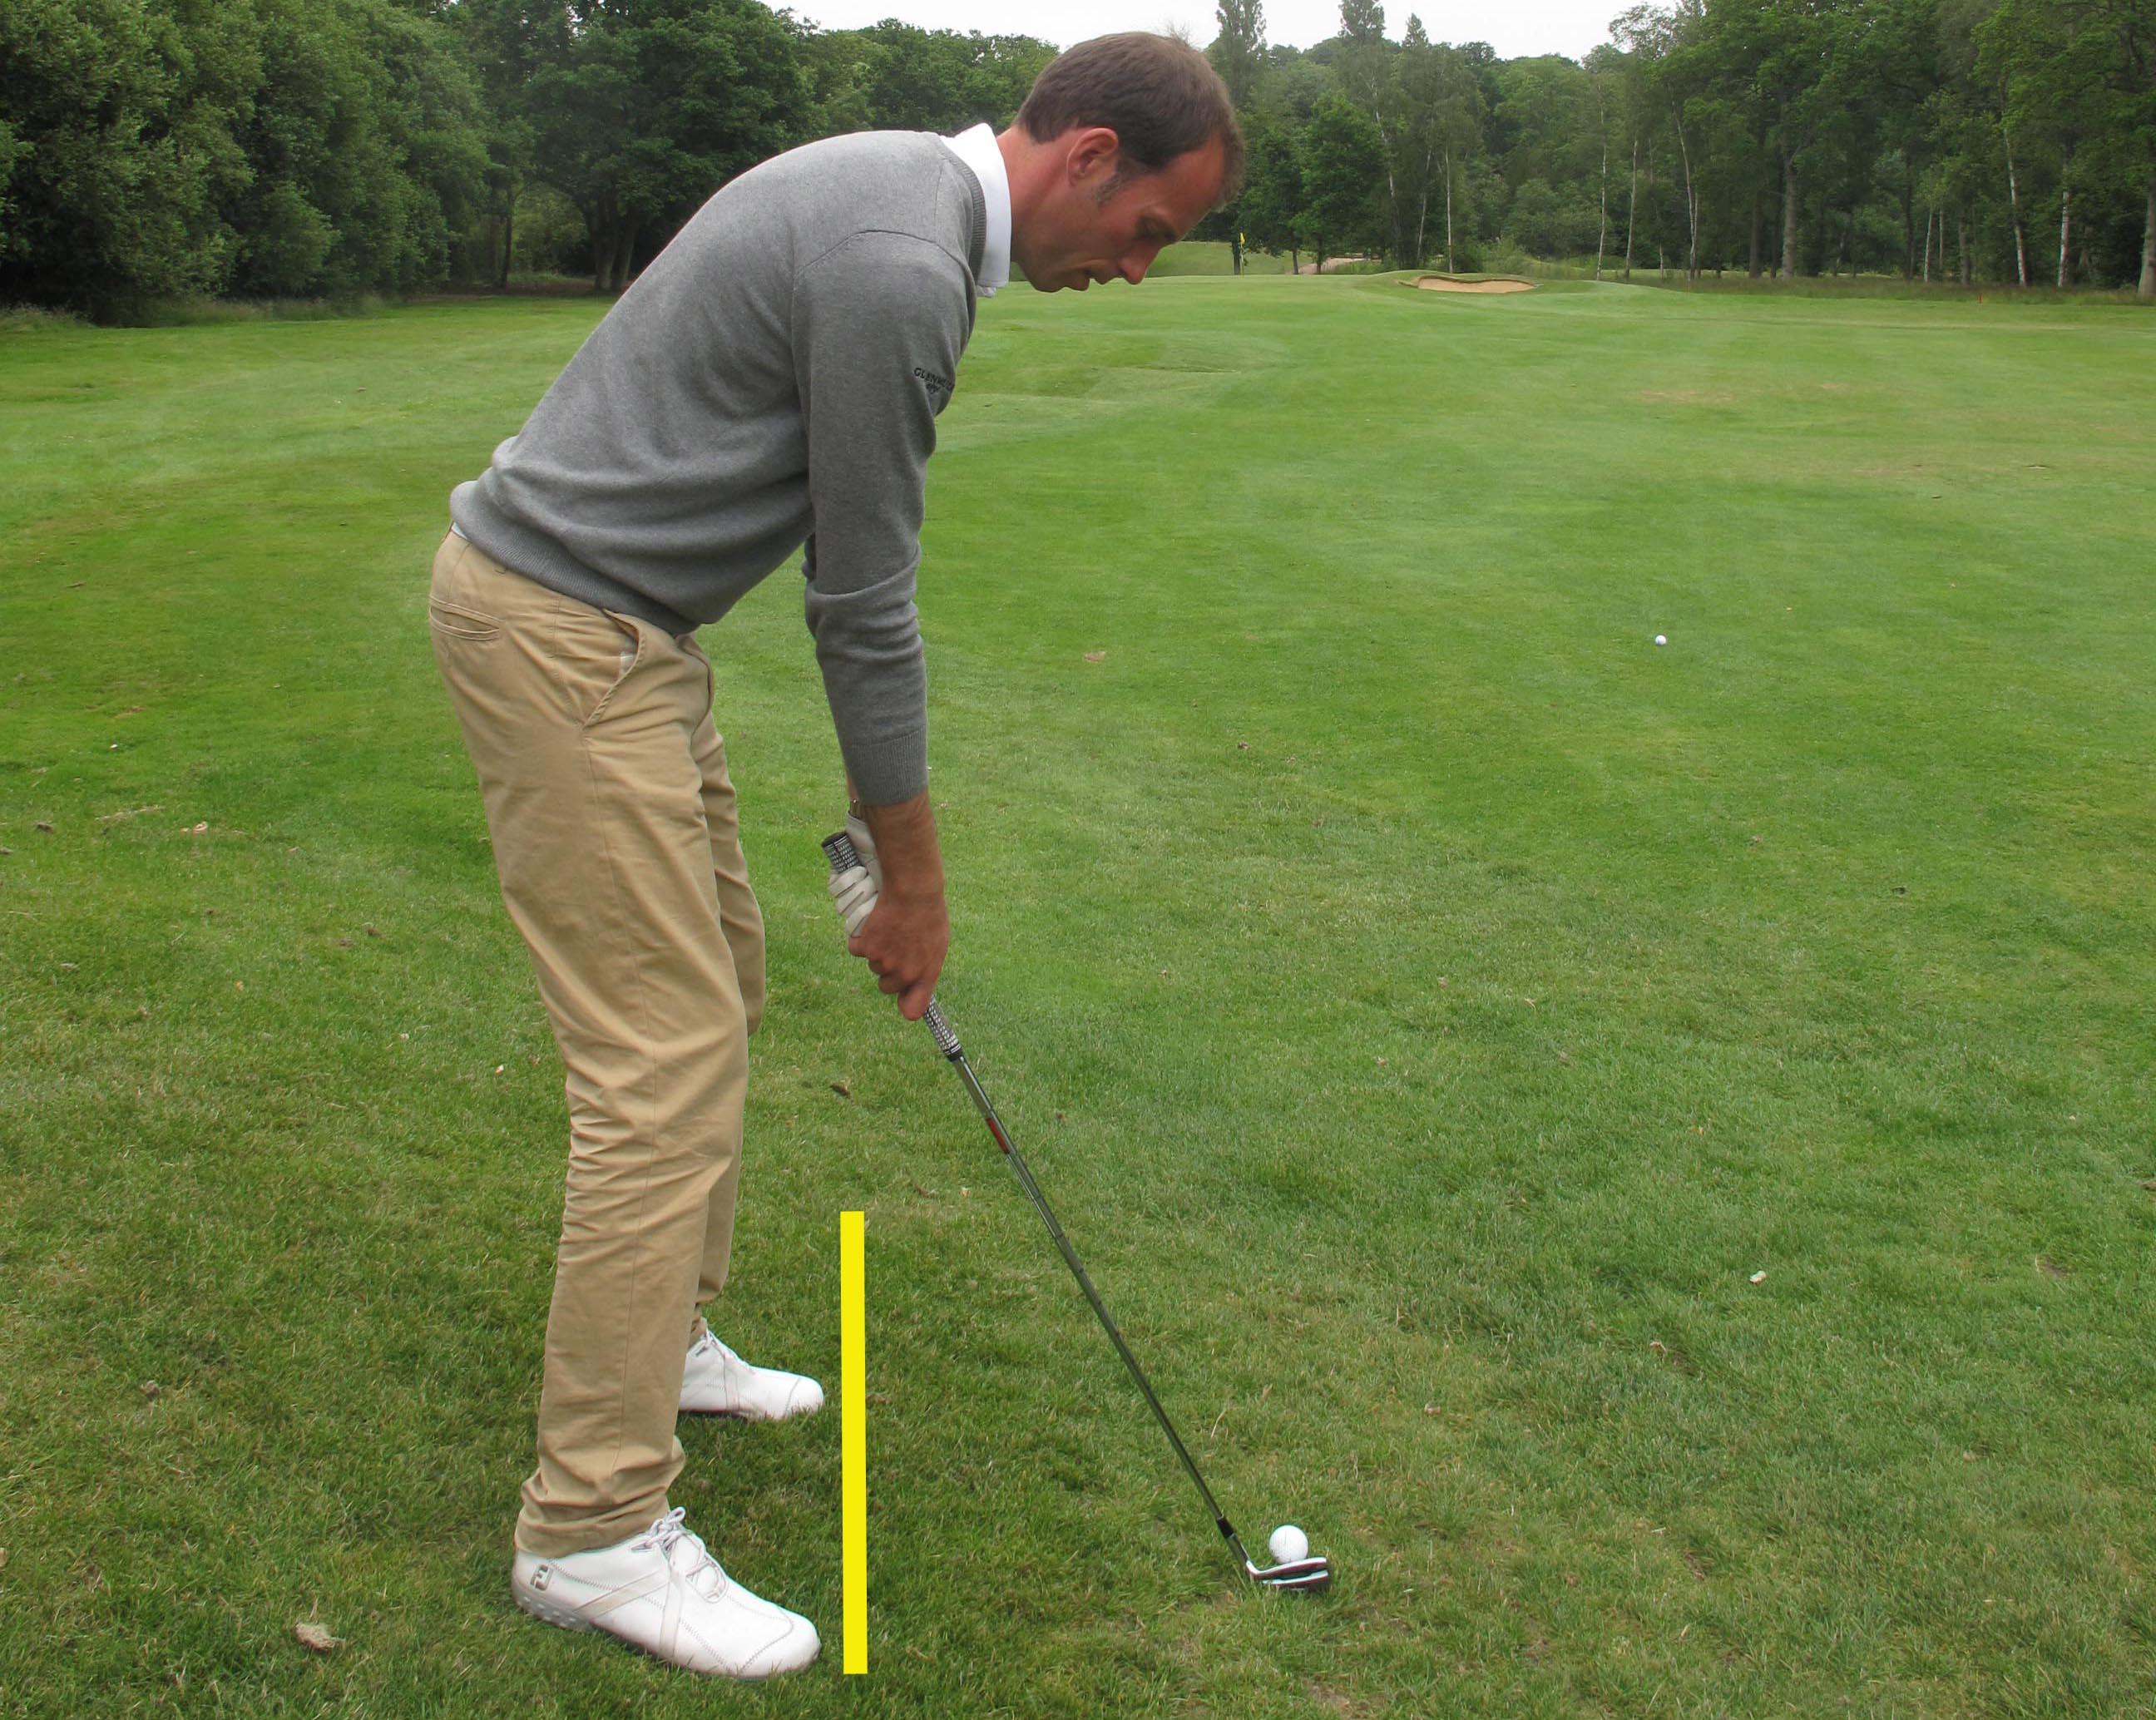 Toughest Golf Shots: ball below feet